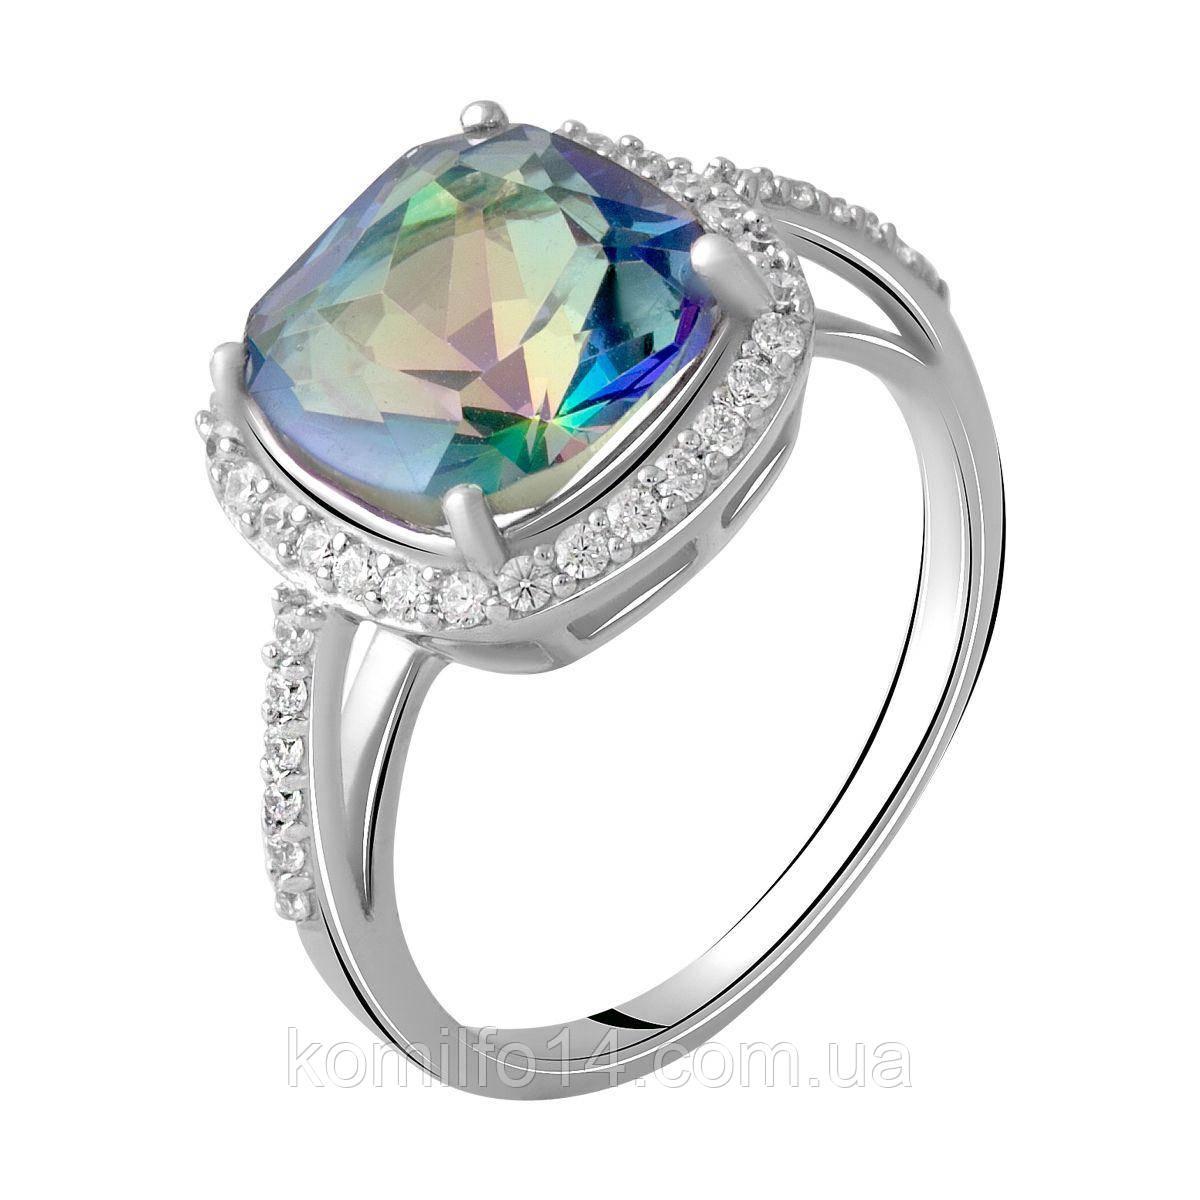 Серебряное кольцо с натуральным мистик топазом